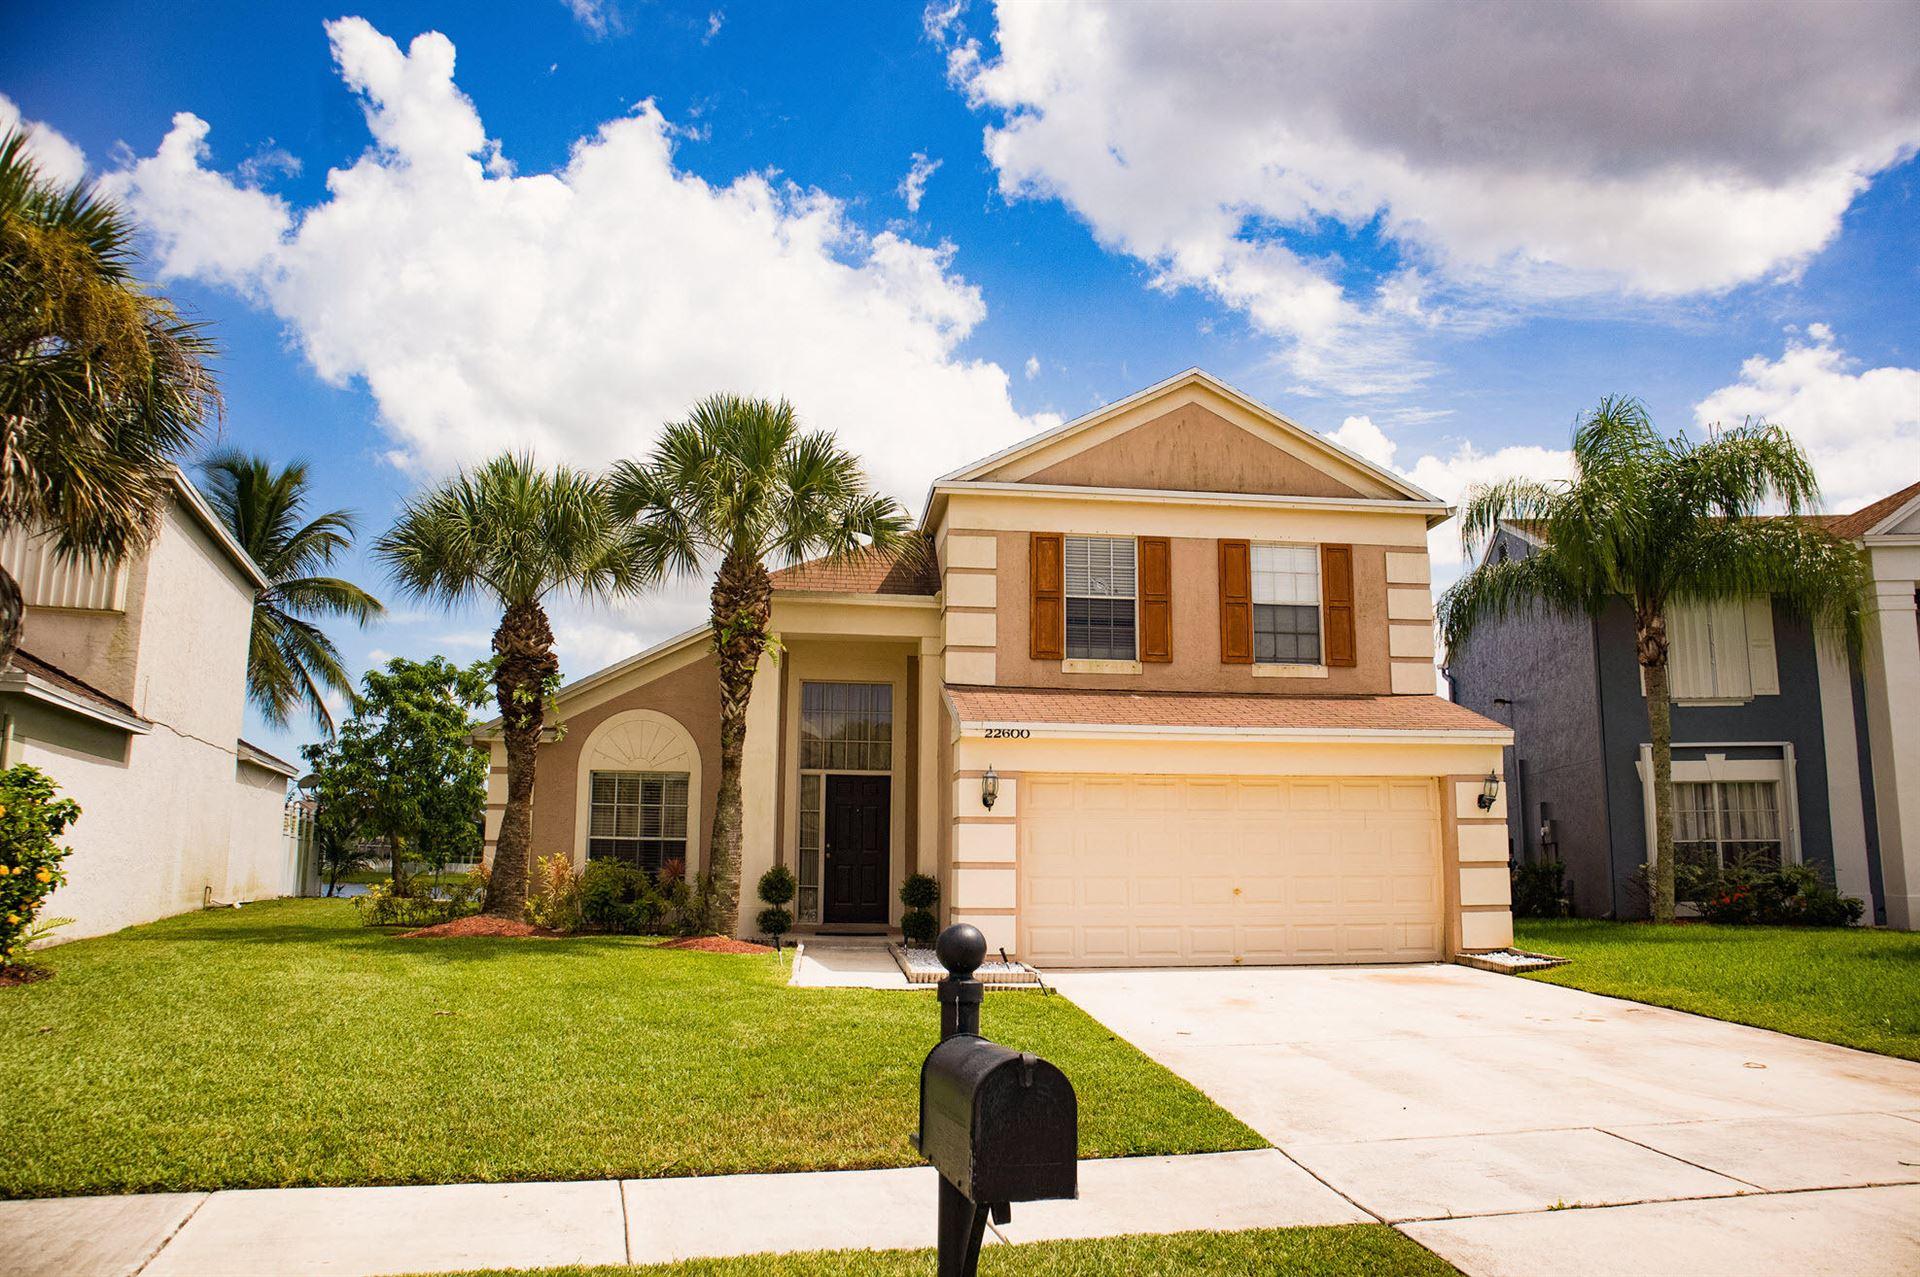 22600 Middletown Drive, Boca Raton, FL 33428 - #: RX-10644940